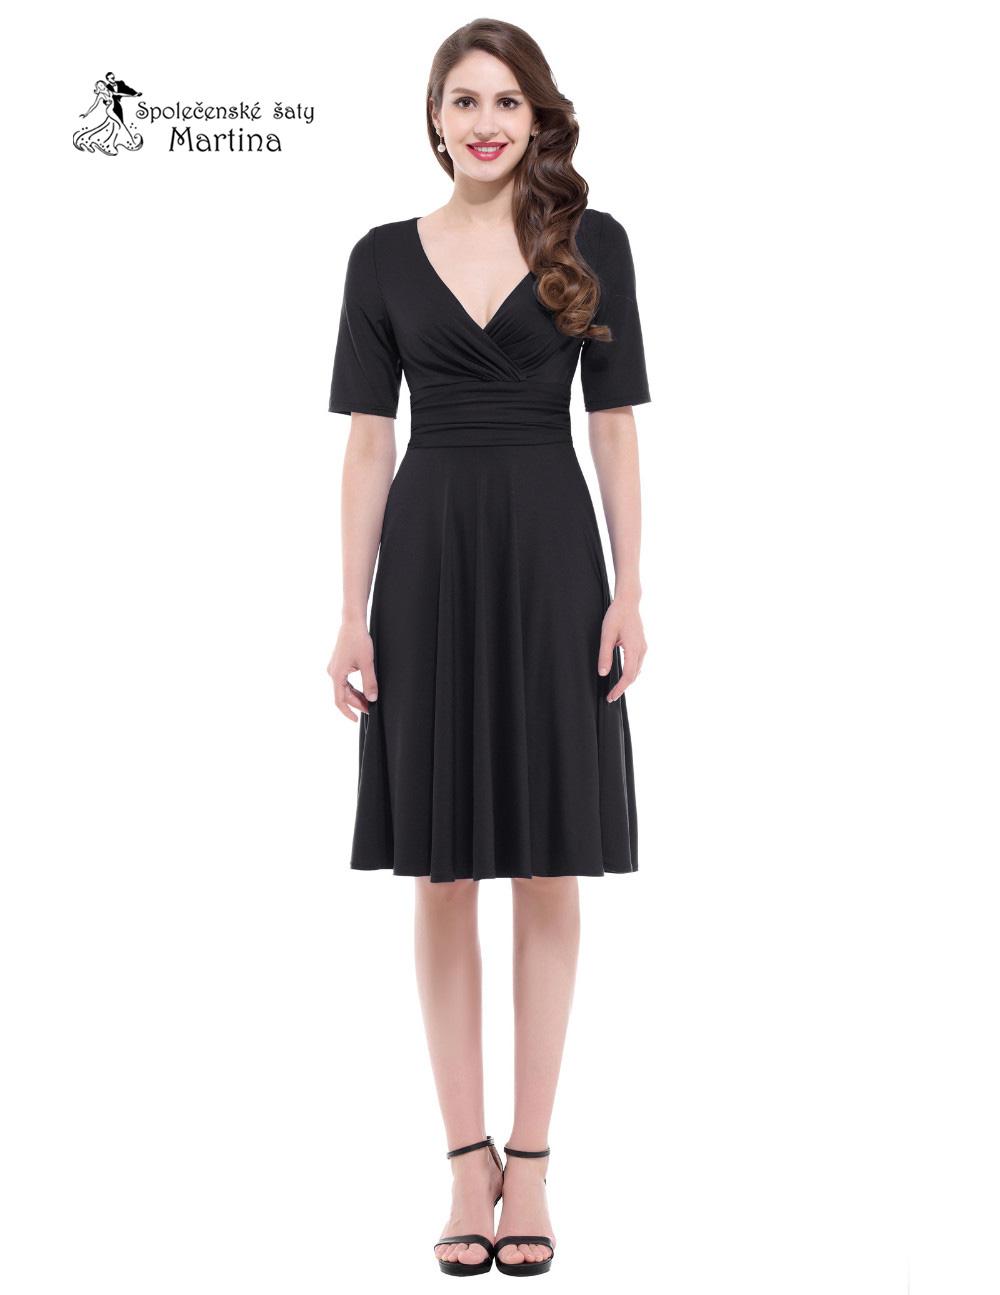 Spoločenské šaty - Koktejlové šaty - Koktejlky - Obrázok č. 4